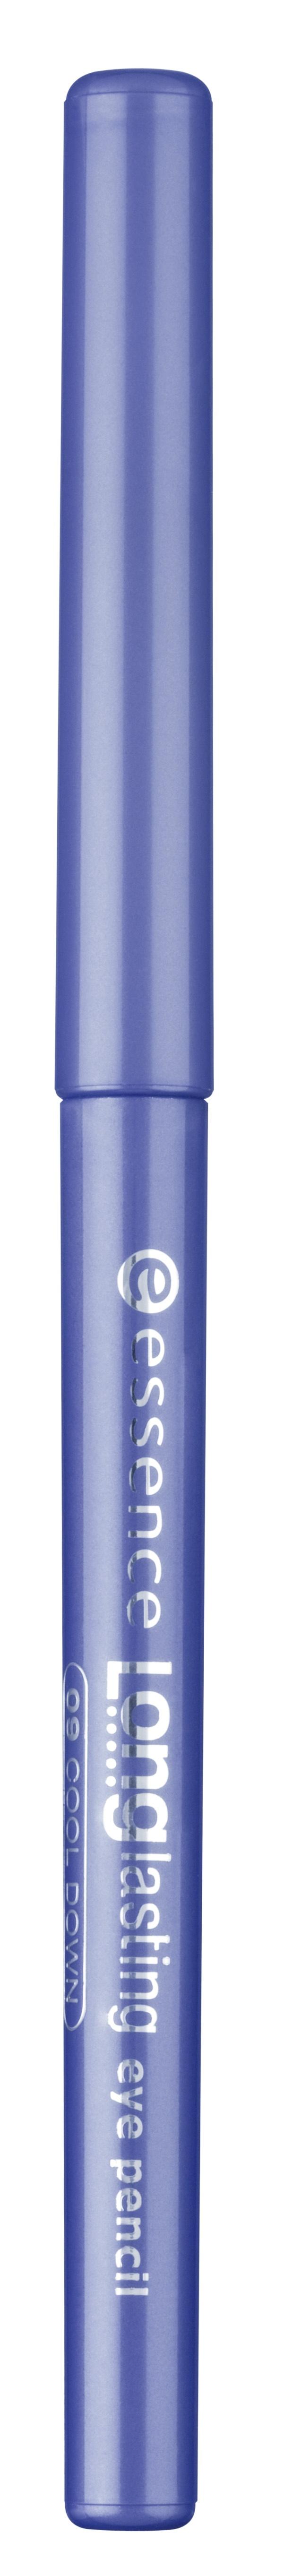 essence Карандаш для глаз Long lasting синий т.09, 0,28гр41473Long lasting от Essence - мягкий карандаш для глаз, предназначенный для точного нанесения линий. Стойкость и интенсивный цвет: благодаря инновационному поворотному механизму этот карандаш позволяет невероятно легко создать четкий, аккуратный и выразительный контур. Не требует заточки. Достоинства: Мягко и нежно ложится на веко Насыщенный пигмент Легко создать аккуратную линию любой толщины В течение дня цвет не тускнеет Легко удаляется при снятии макияжа.